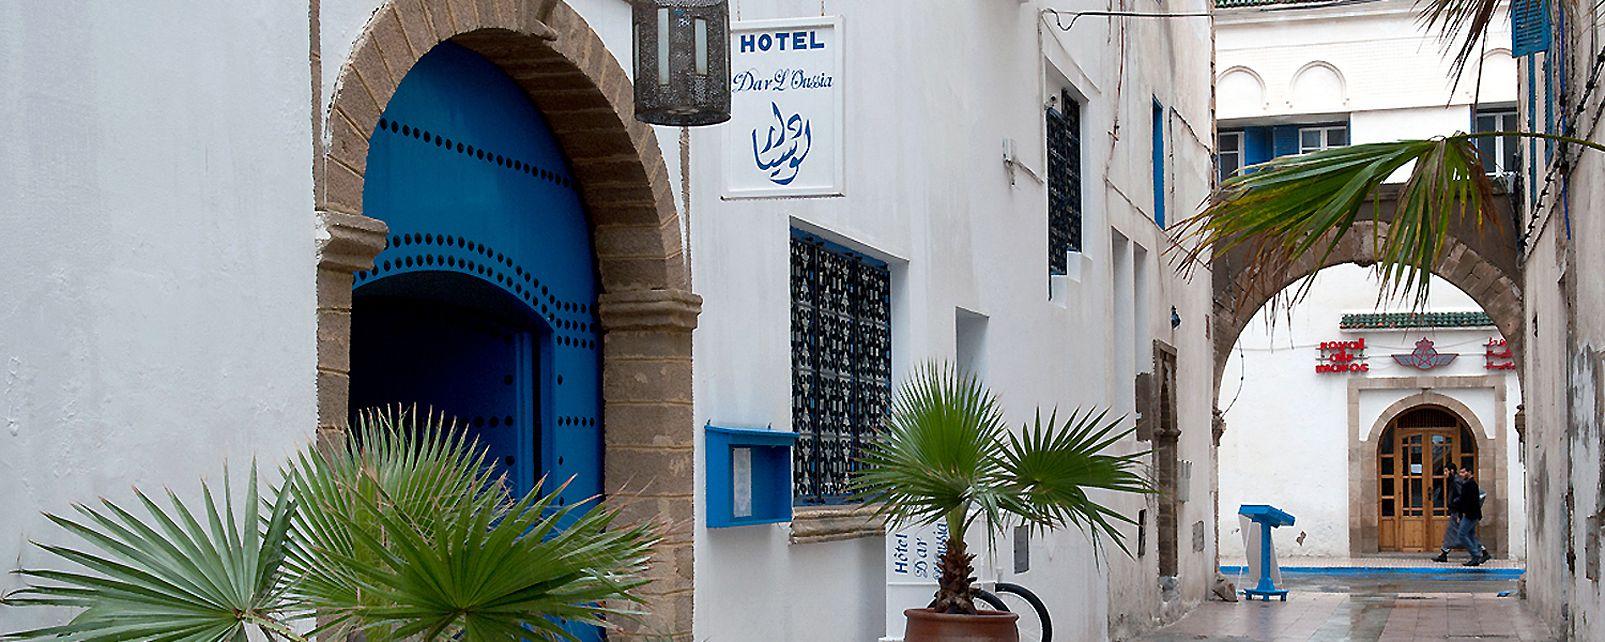 Hotel Riad Dar L'oussia